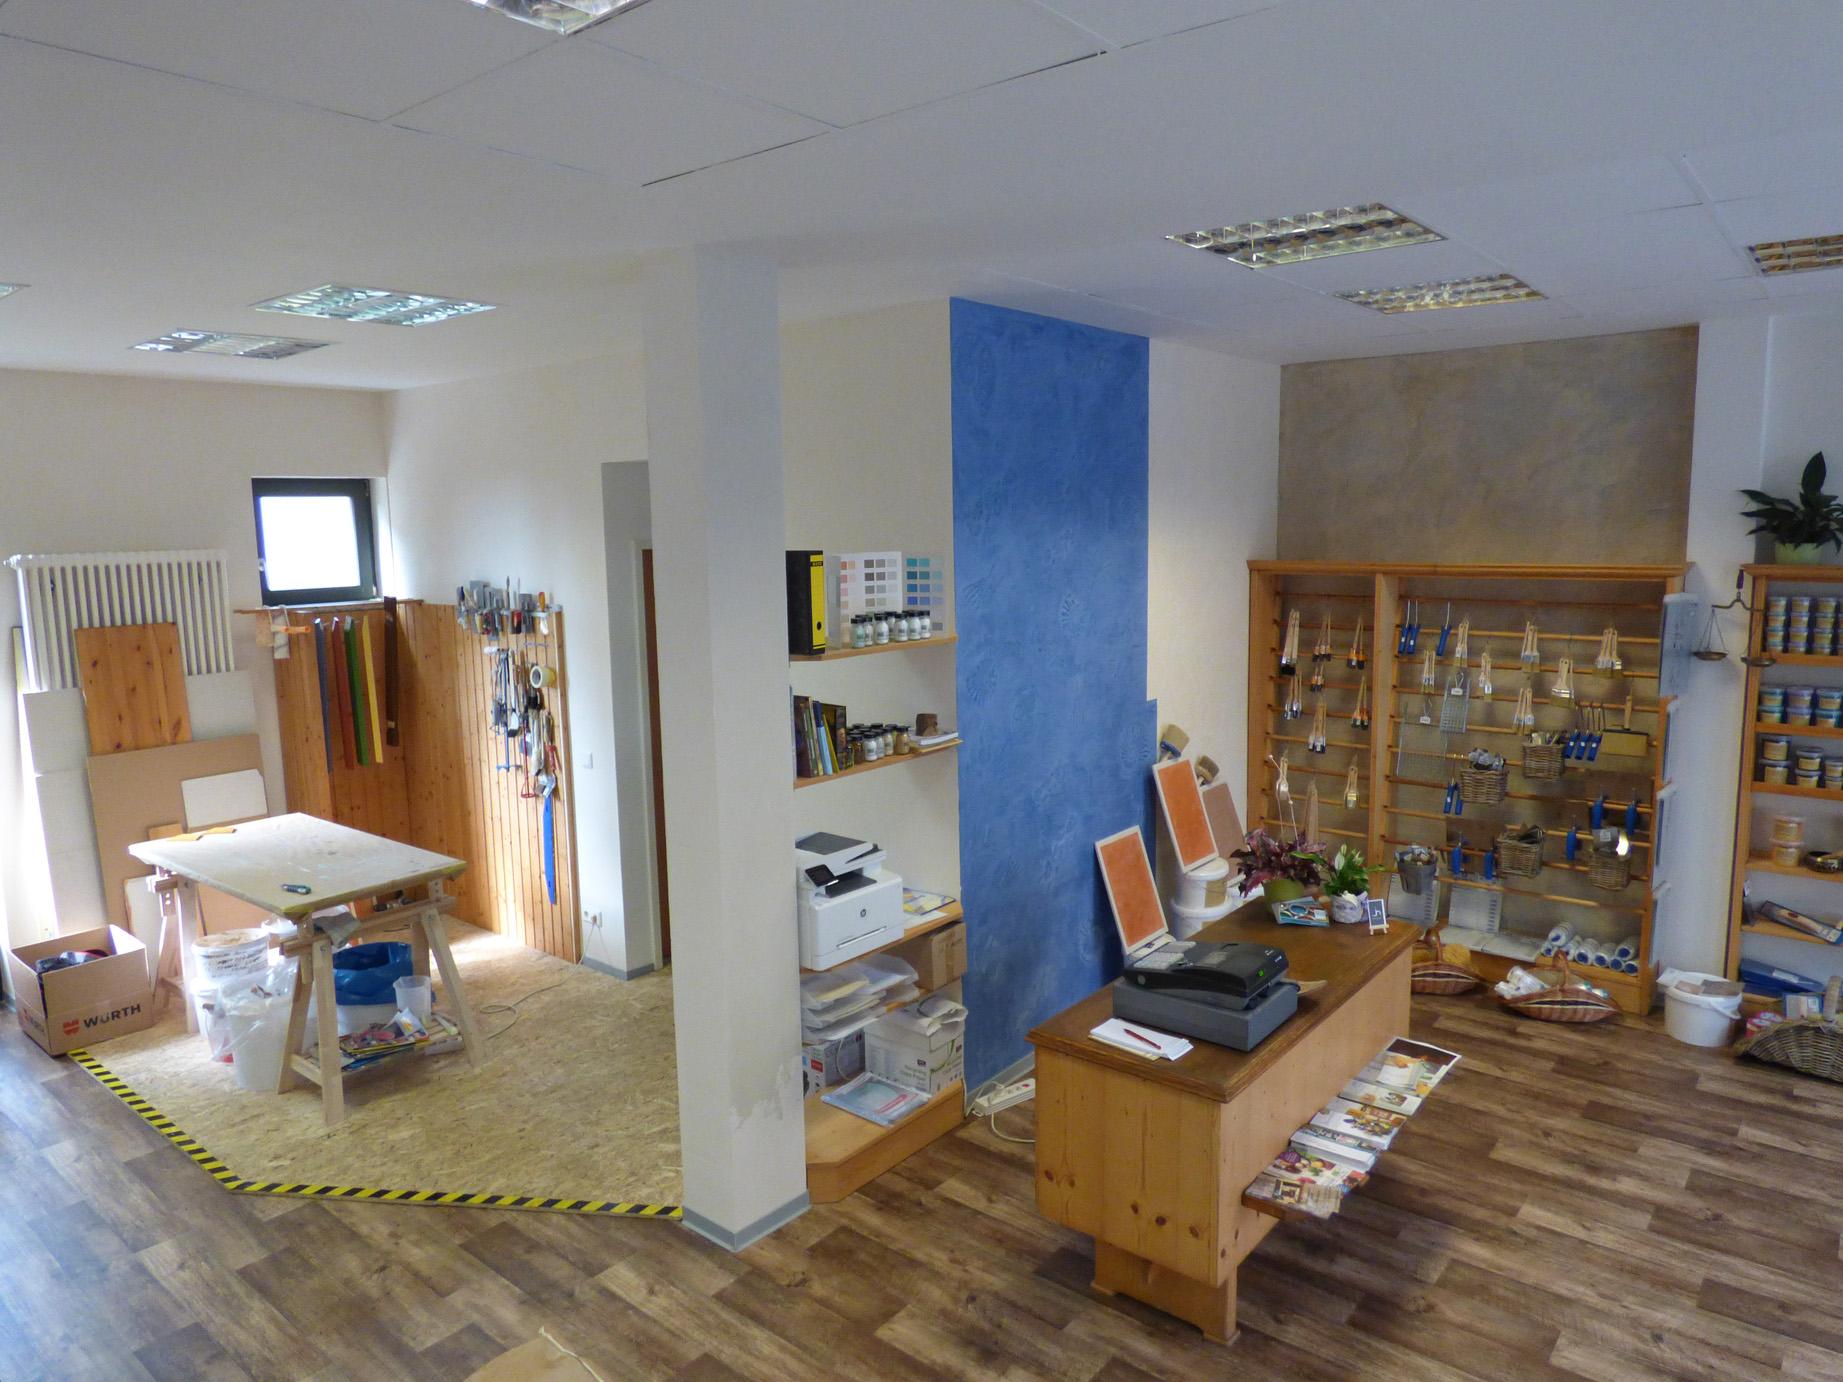 Verkaufsraum und Werkstatt